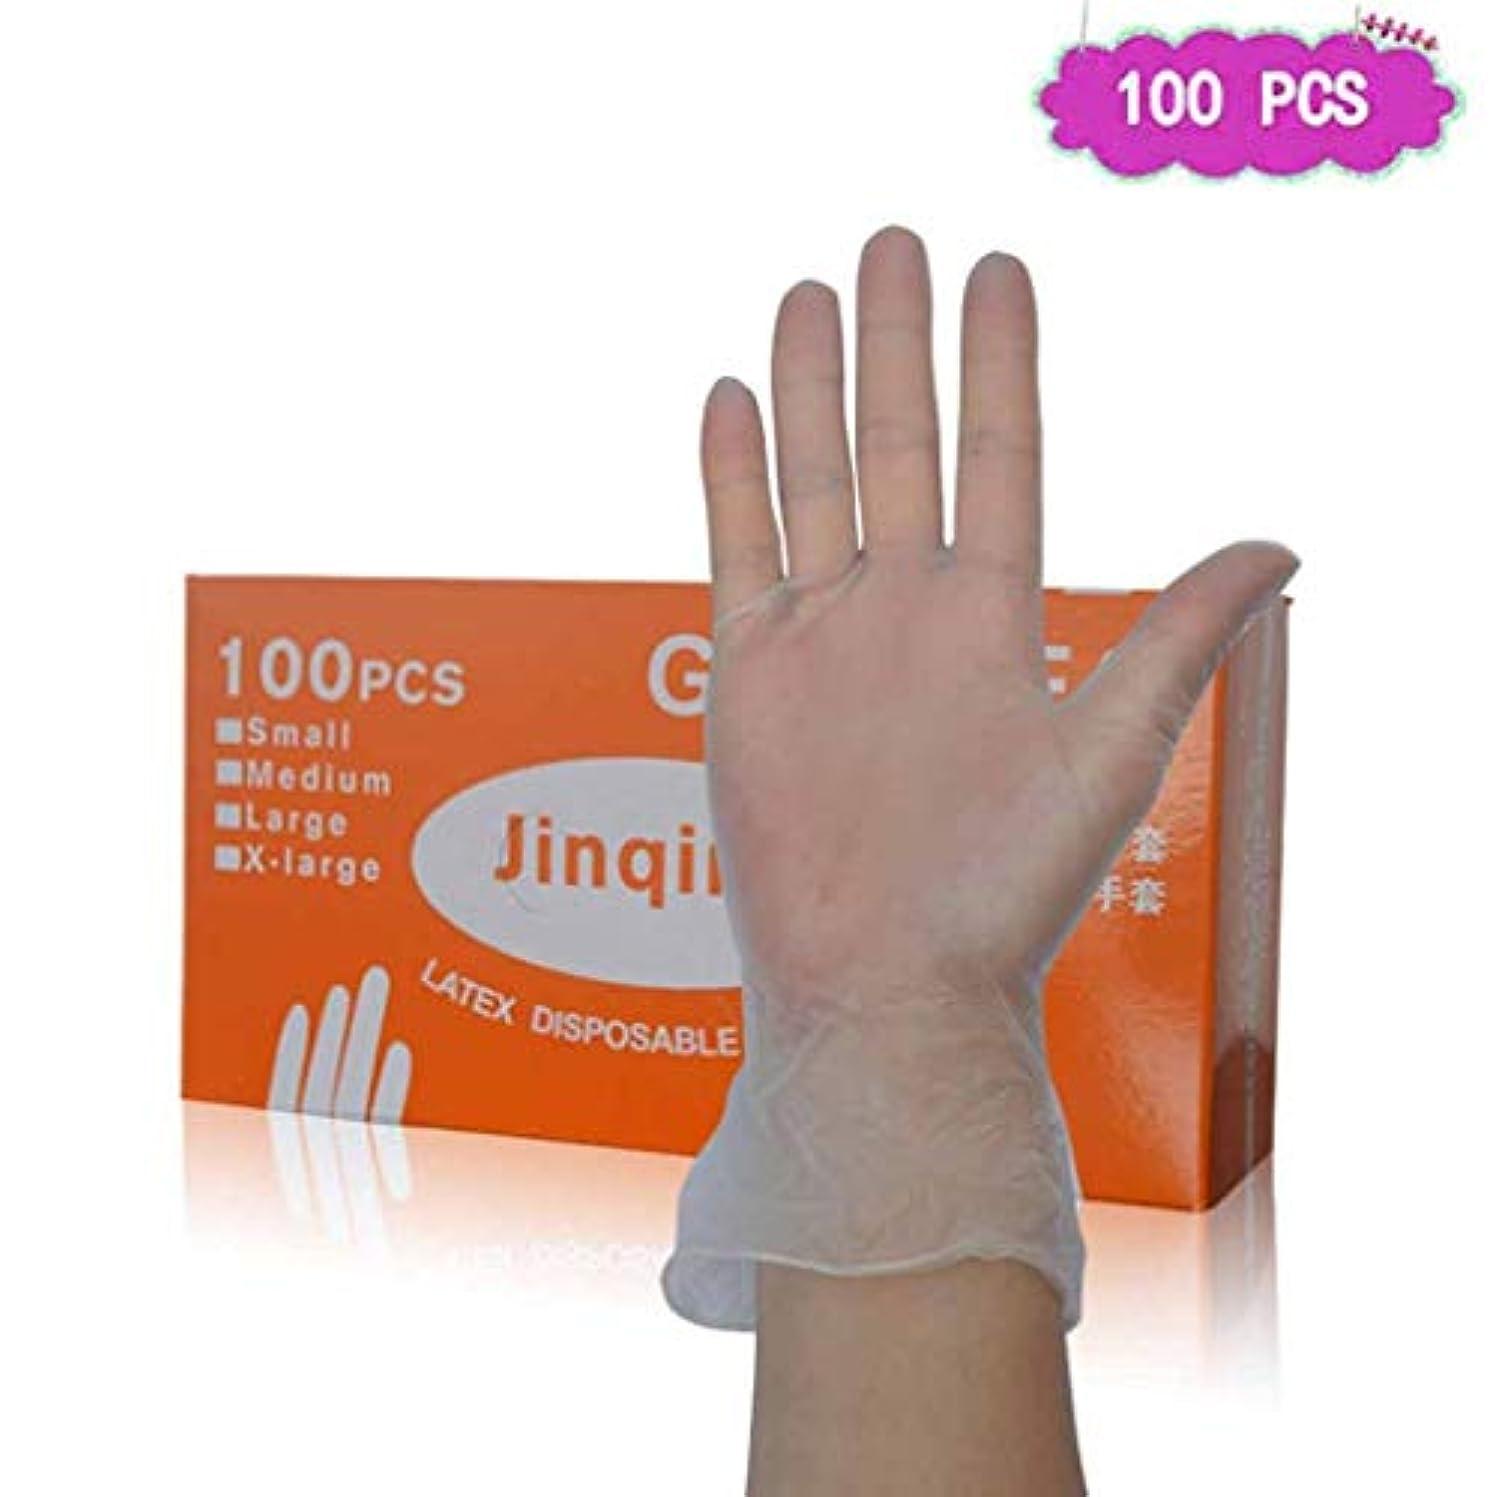 パイル忠実な三十使い捨て手袋ゴム研究所帯電防止および耐油性PVC手袋フィルムケータリングラテックス実験、美容院ラテックスフリー、パウダーフリー、両手利き、100個 (Size : L)